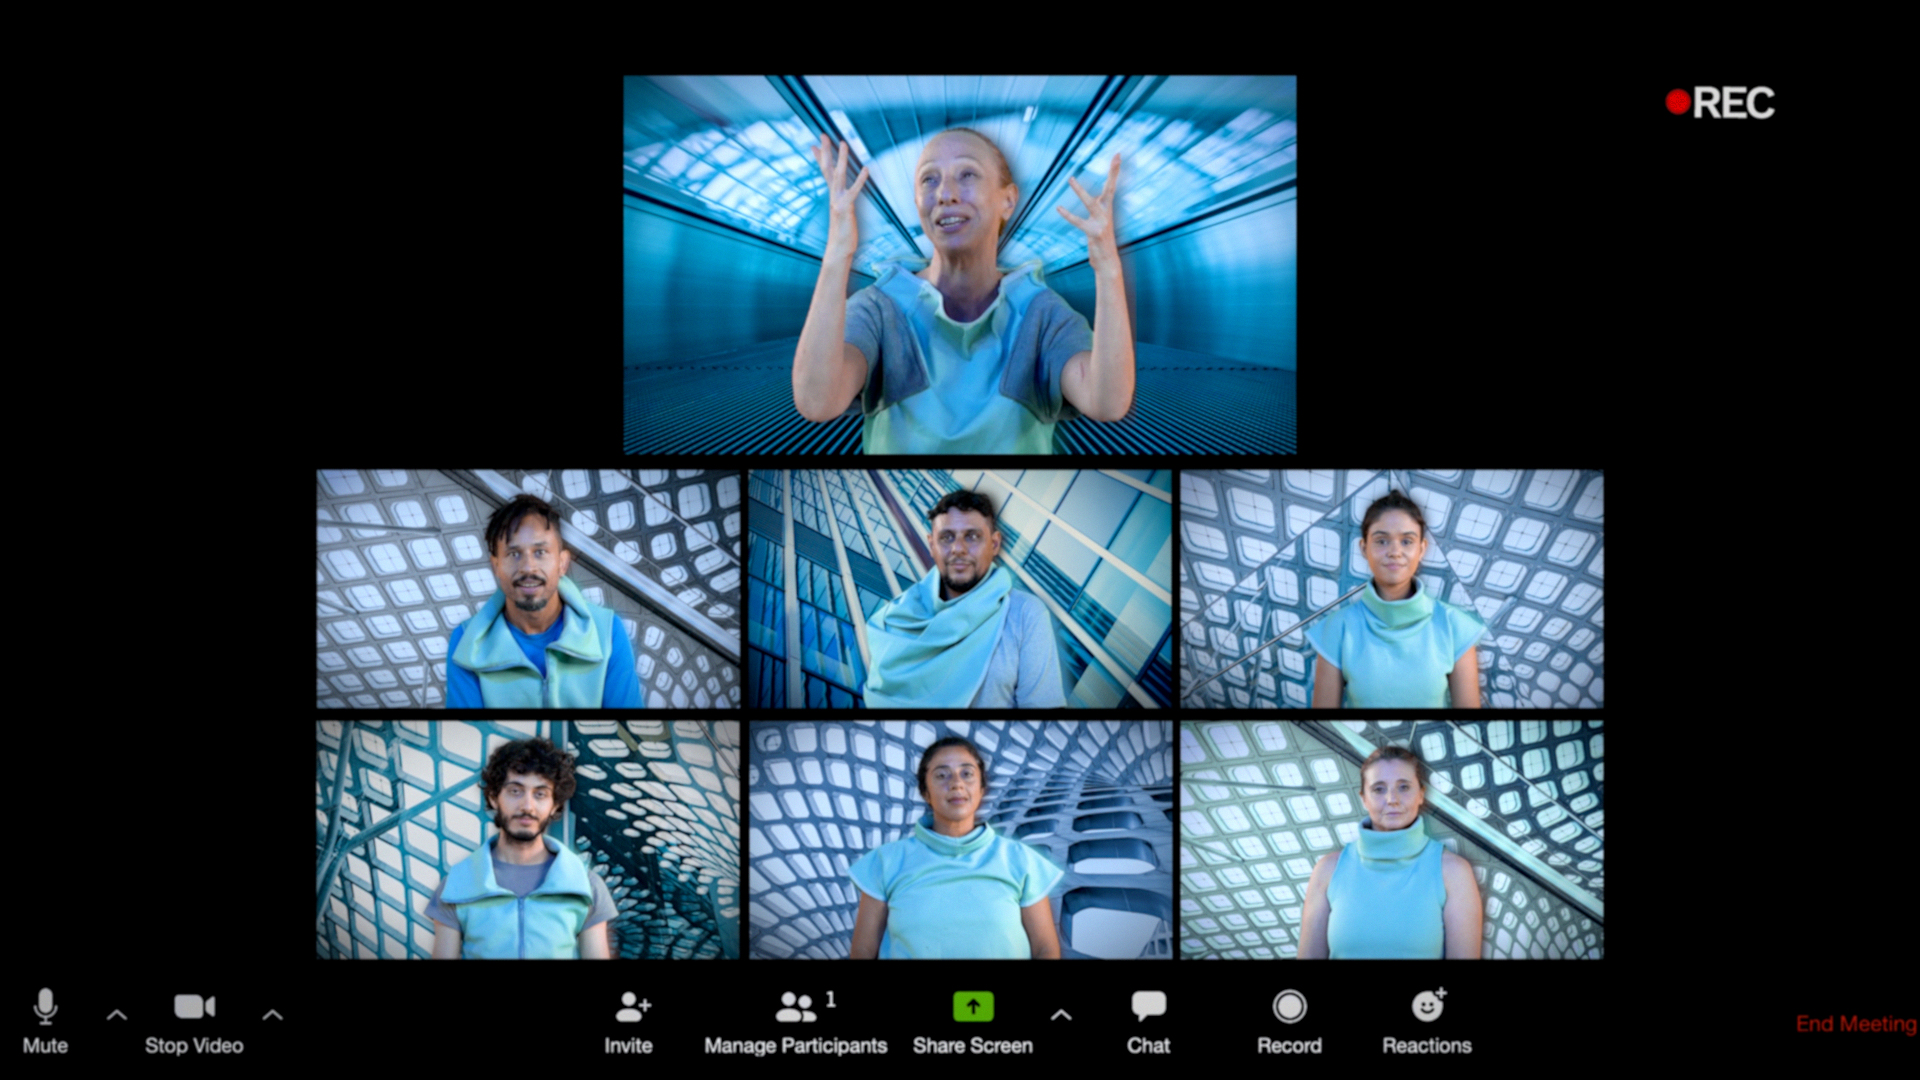 Uma chamada de vídeo no aplicativo Zoom mostra sete jovens debatendo em um cenário futurístico